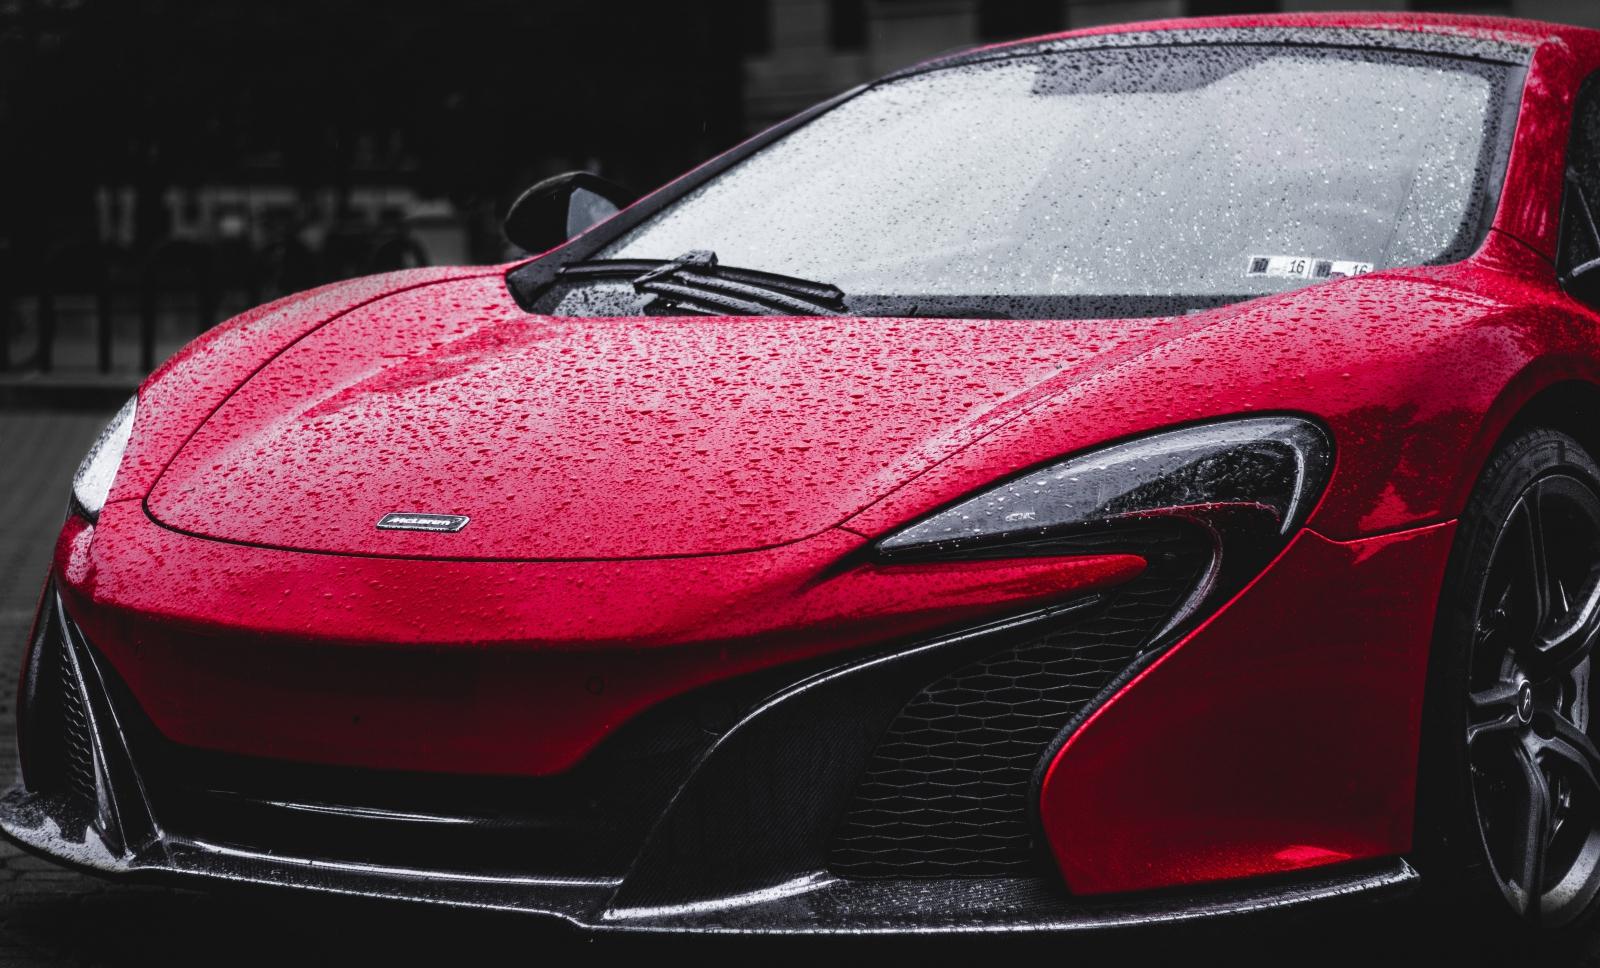 【汽車專知】車子可以長期淋雨嗎?有哪些要注意嗎?